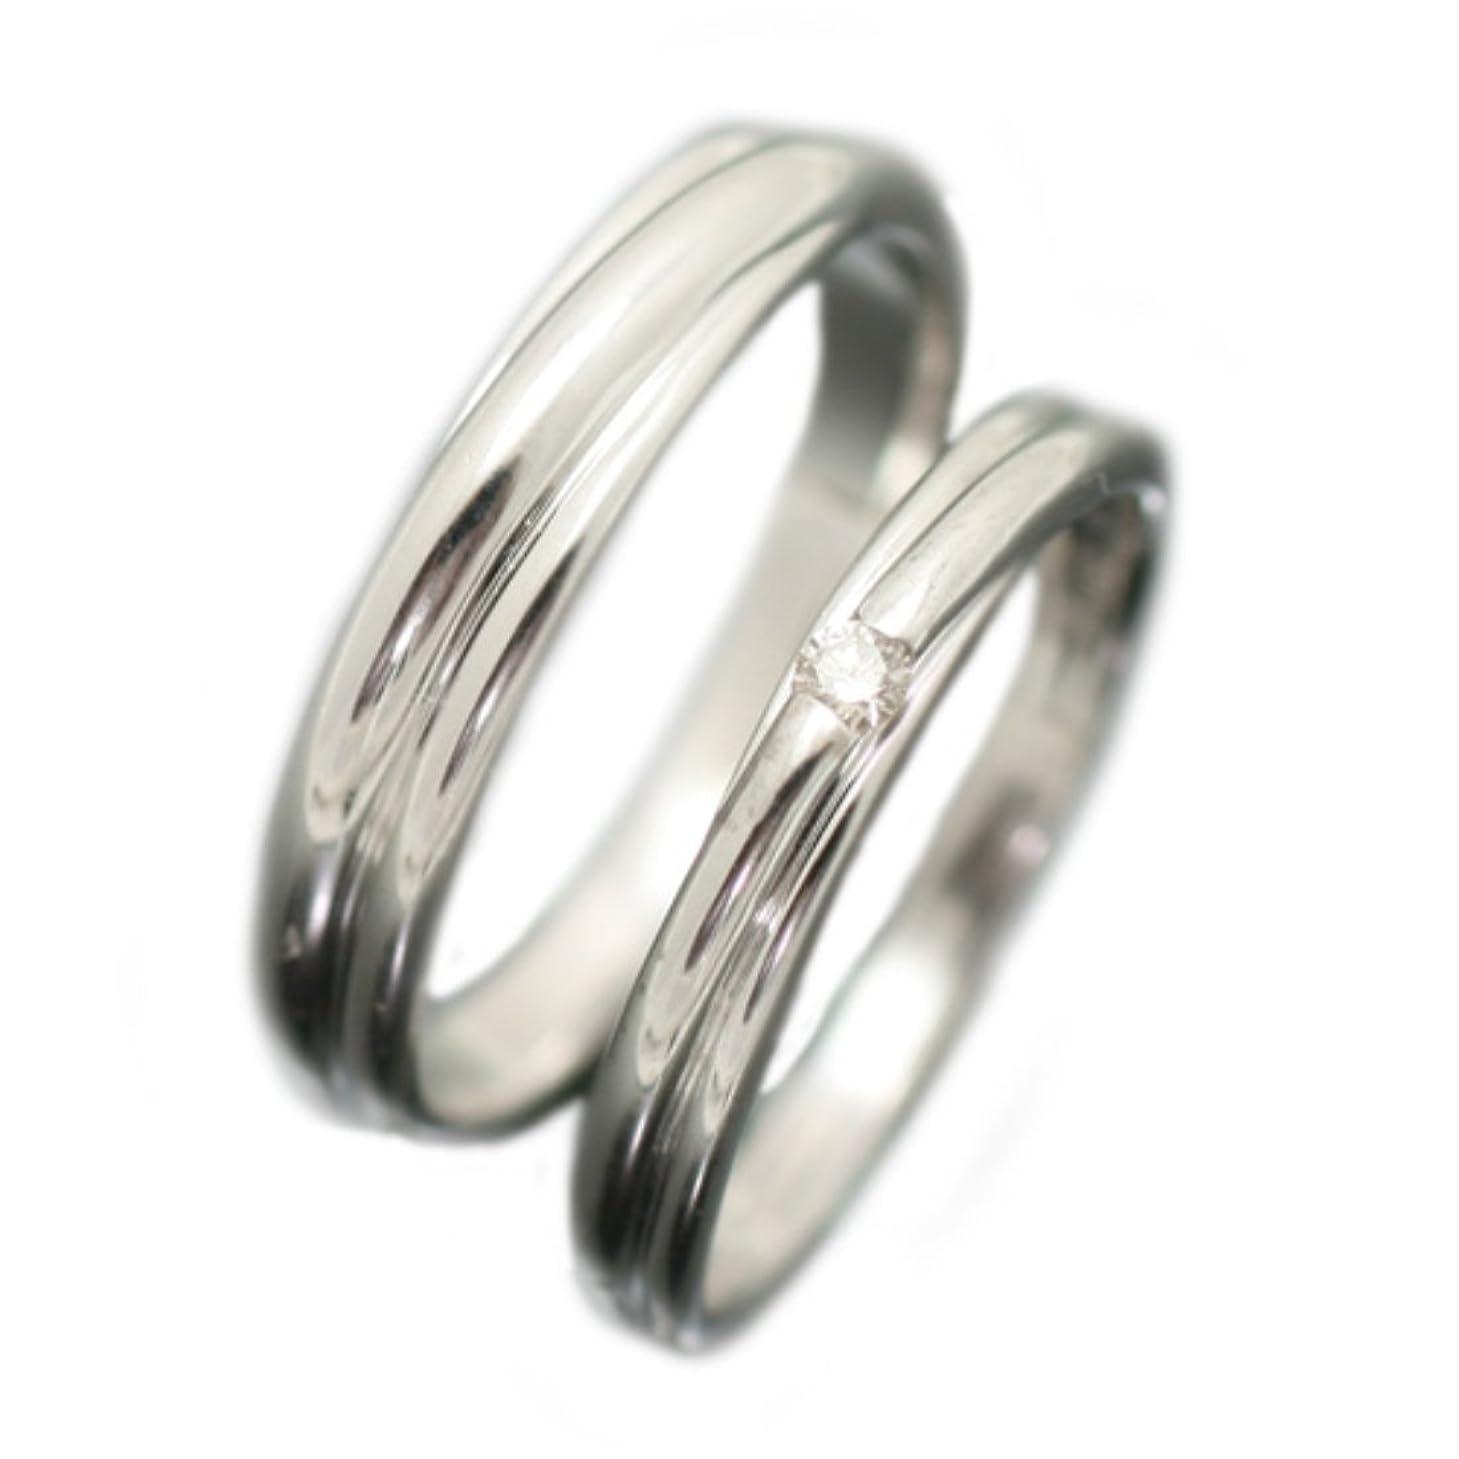 逆幽霊警察署[ココカル]cococaru ペアリング K10 ホワイトゴールド リング マリッジリング 2本セット 結婚指輪 レディース ダイヤ付き 日本製